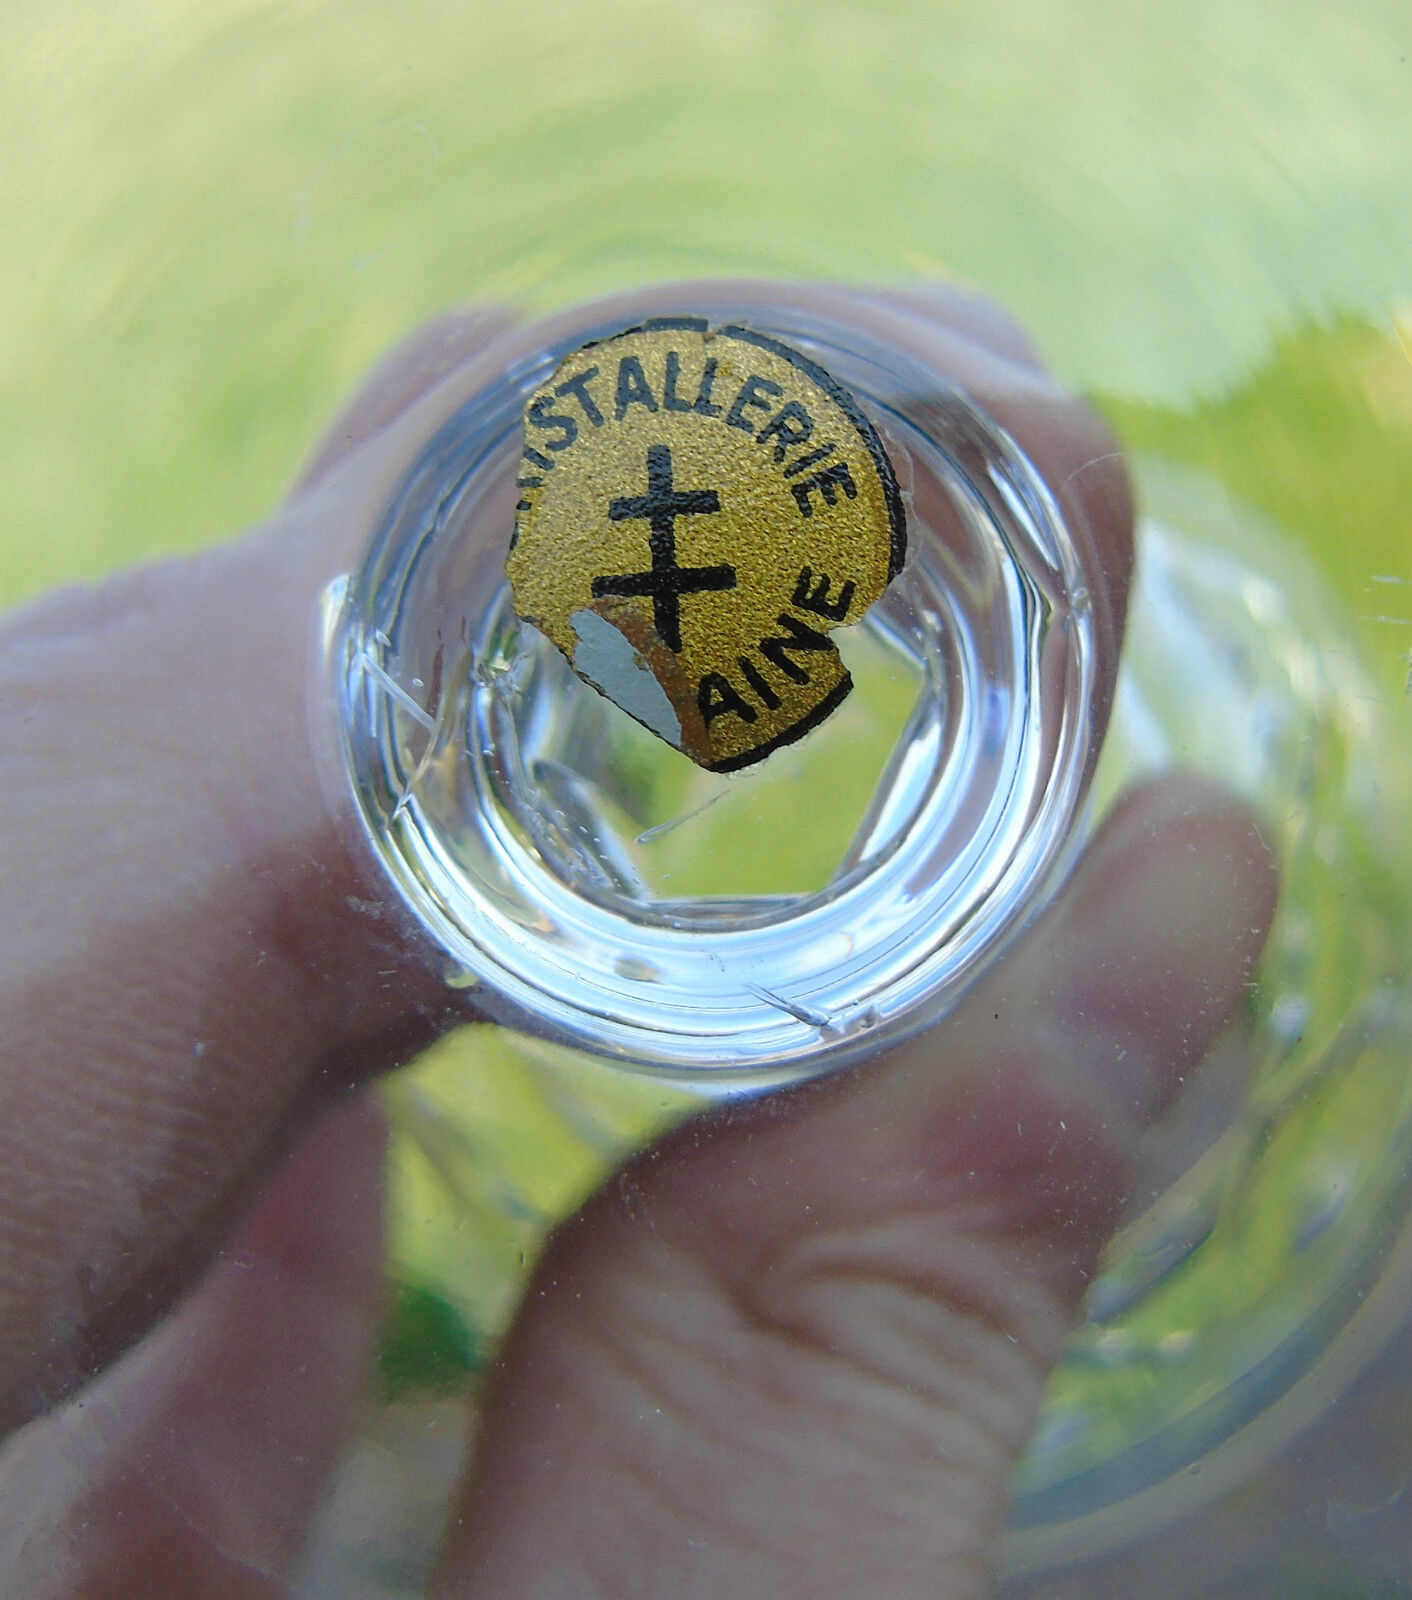 Cristallerie de lorraine lemberg service de 6 verres vin blanc cristal tail - Cristallerie de lorraine ...